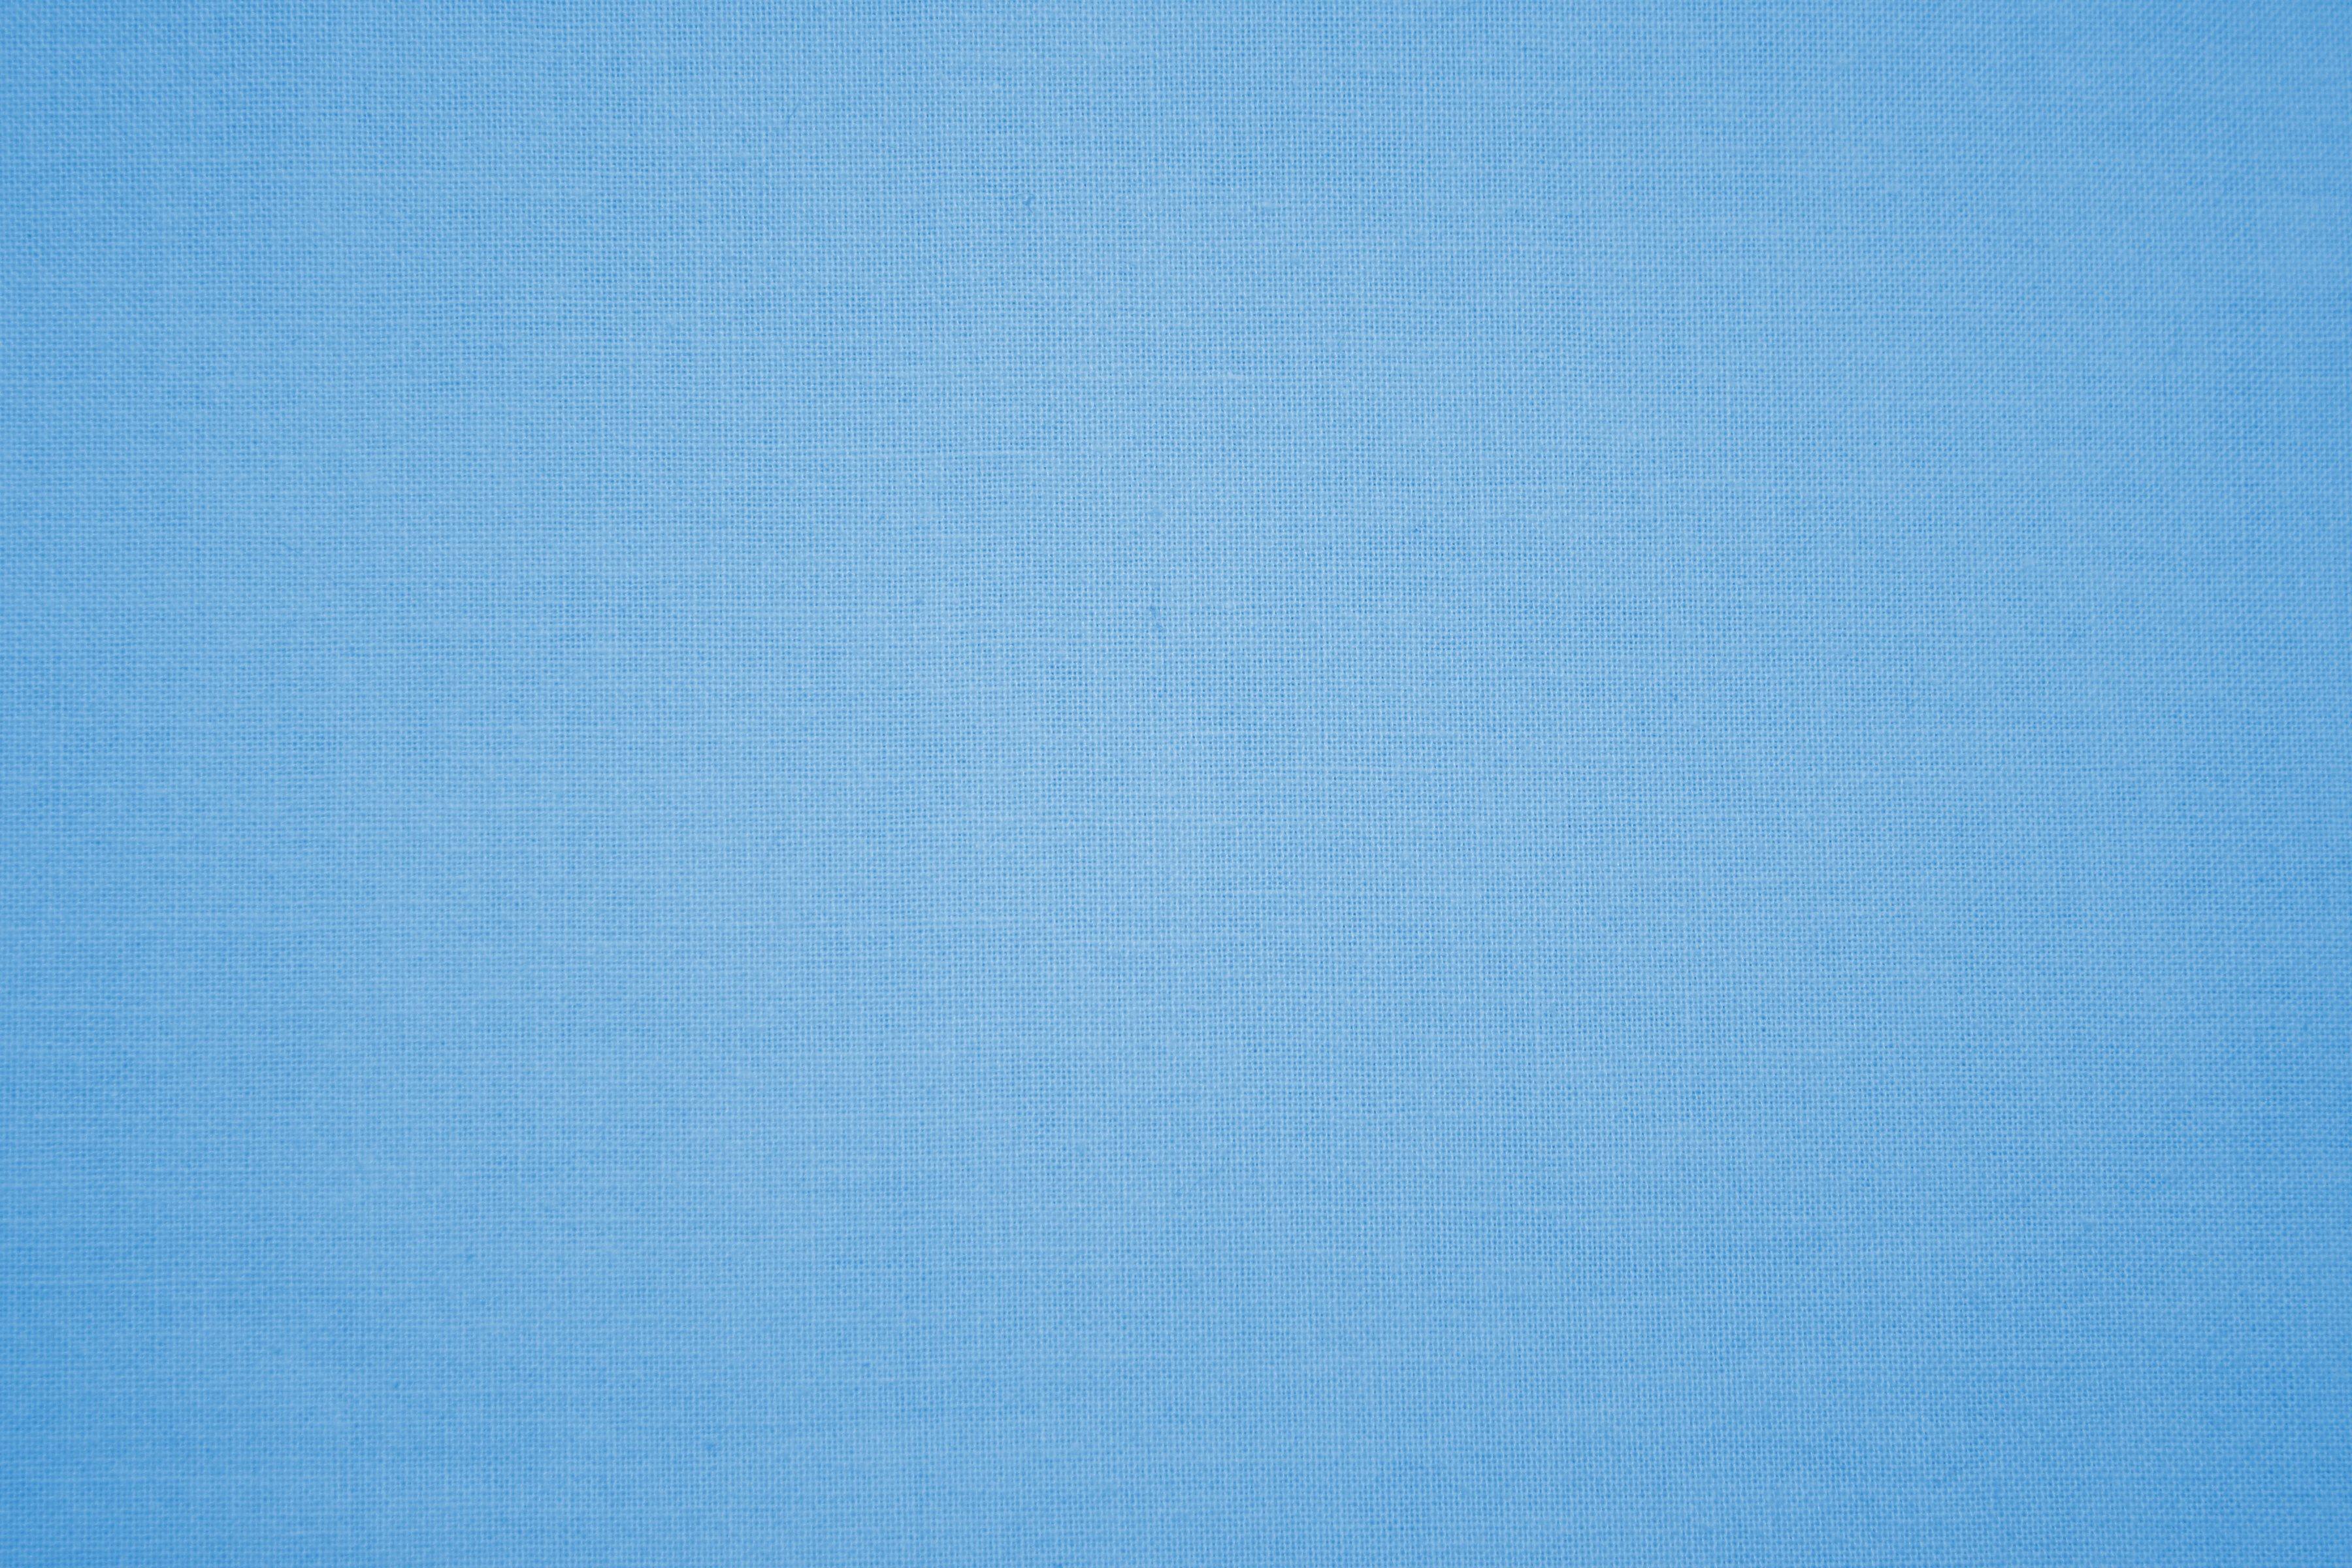 Light Blue Texture Wallpaper Wallpapersafari